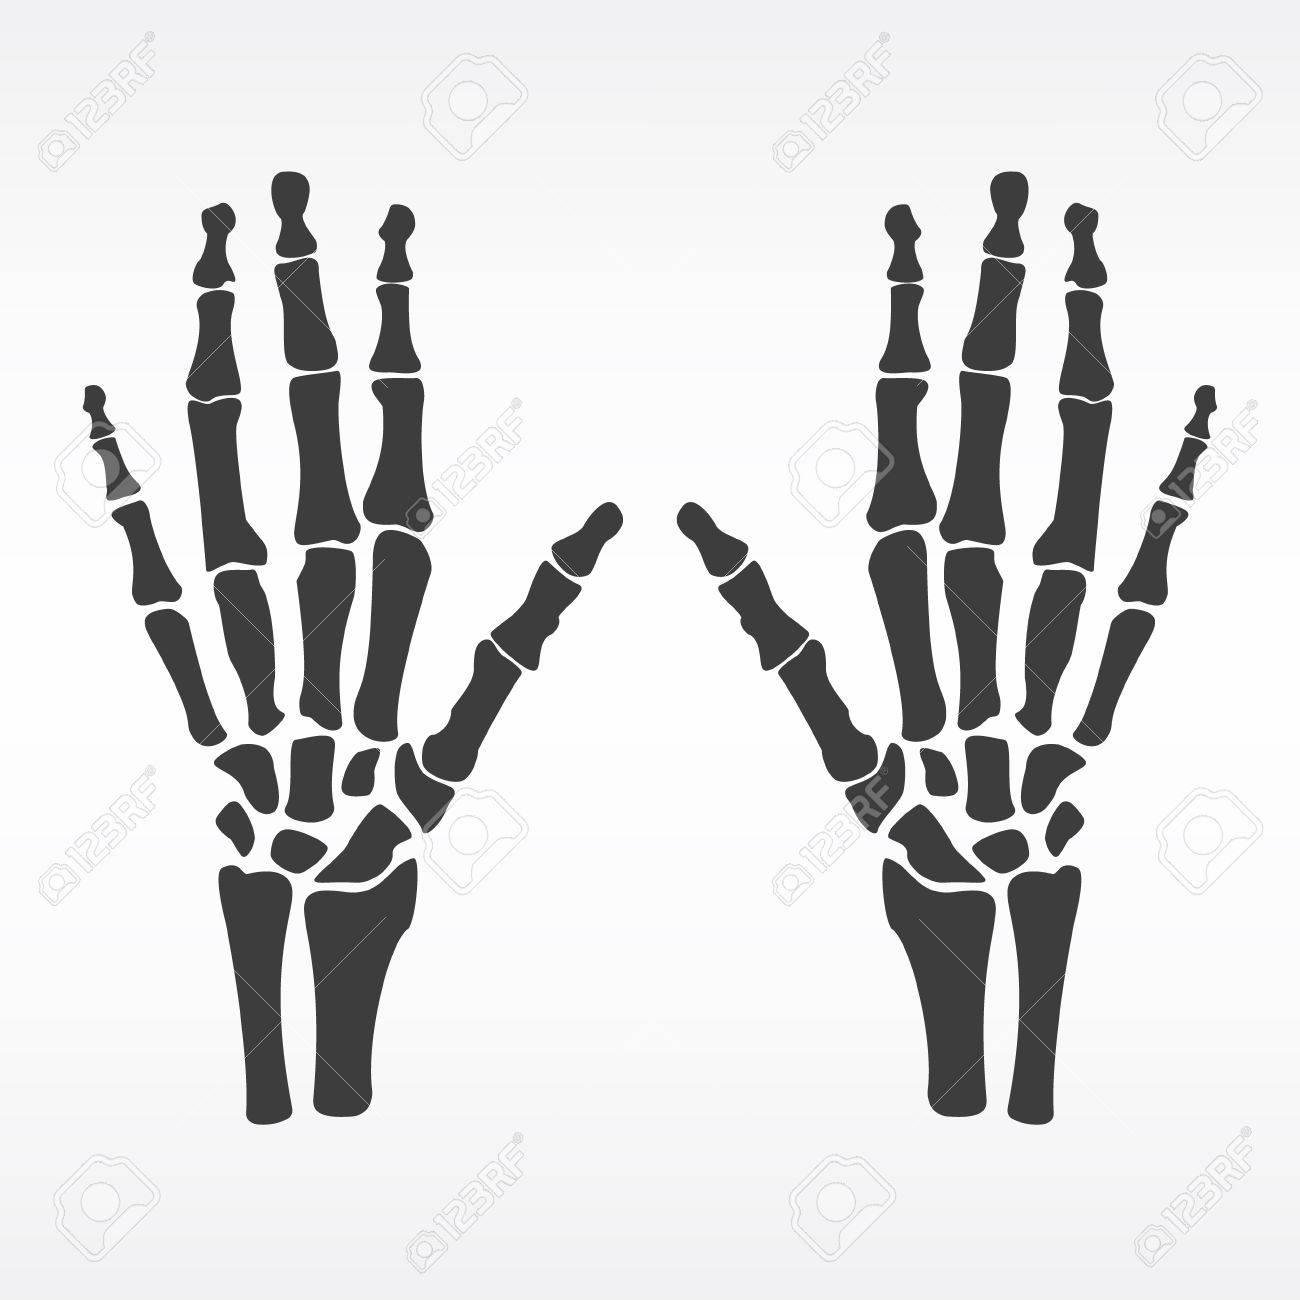 Ilustración De La Trama Da Huesos. Icono Esqueleto Humano Mano ...